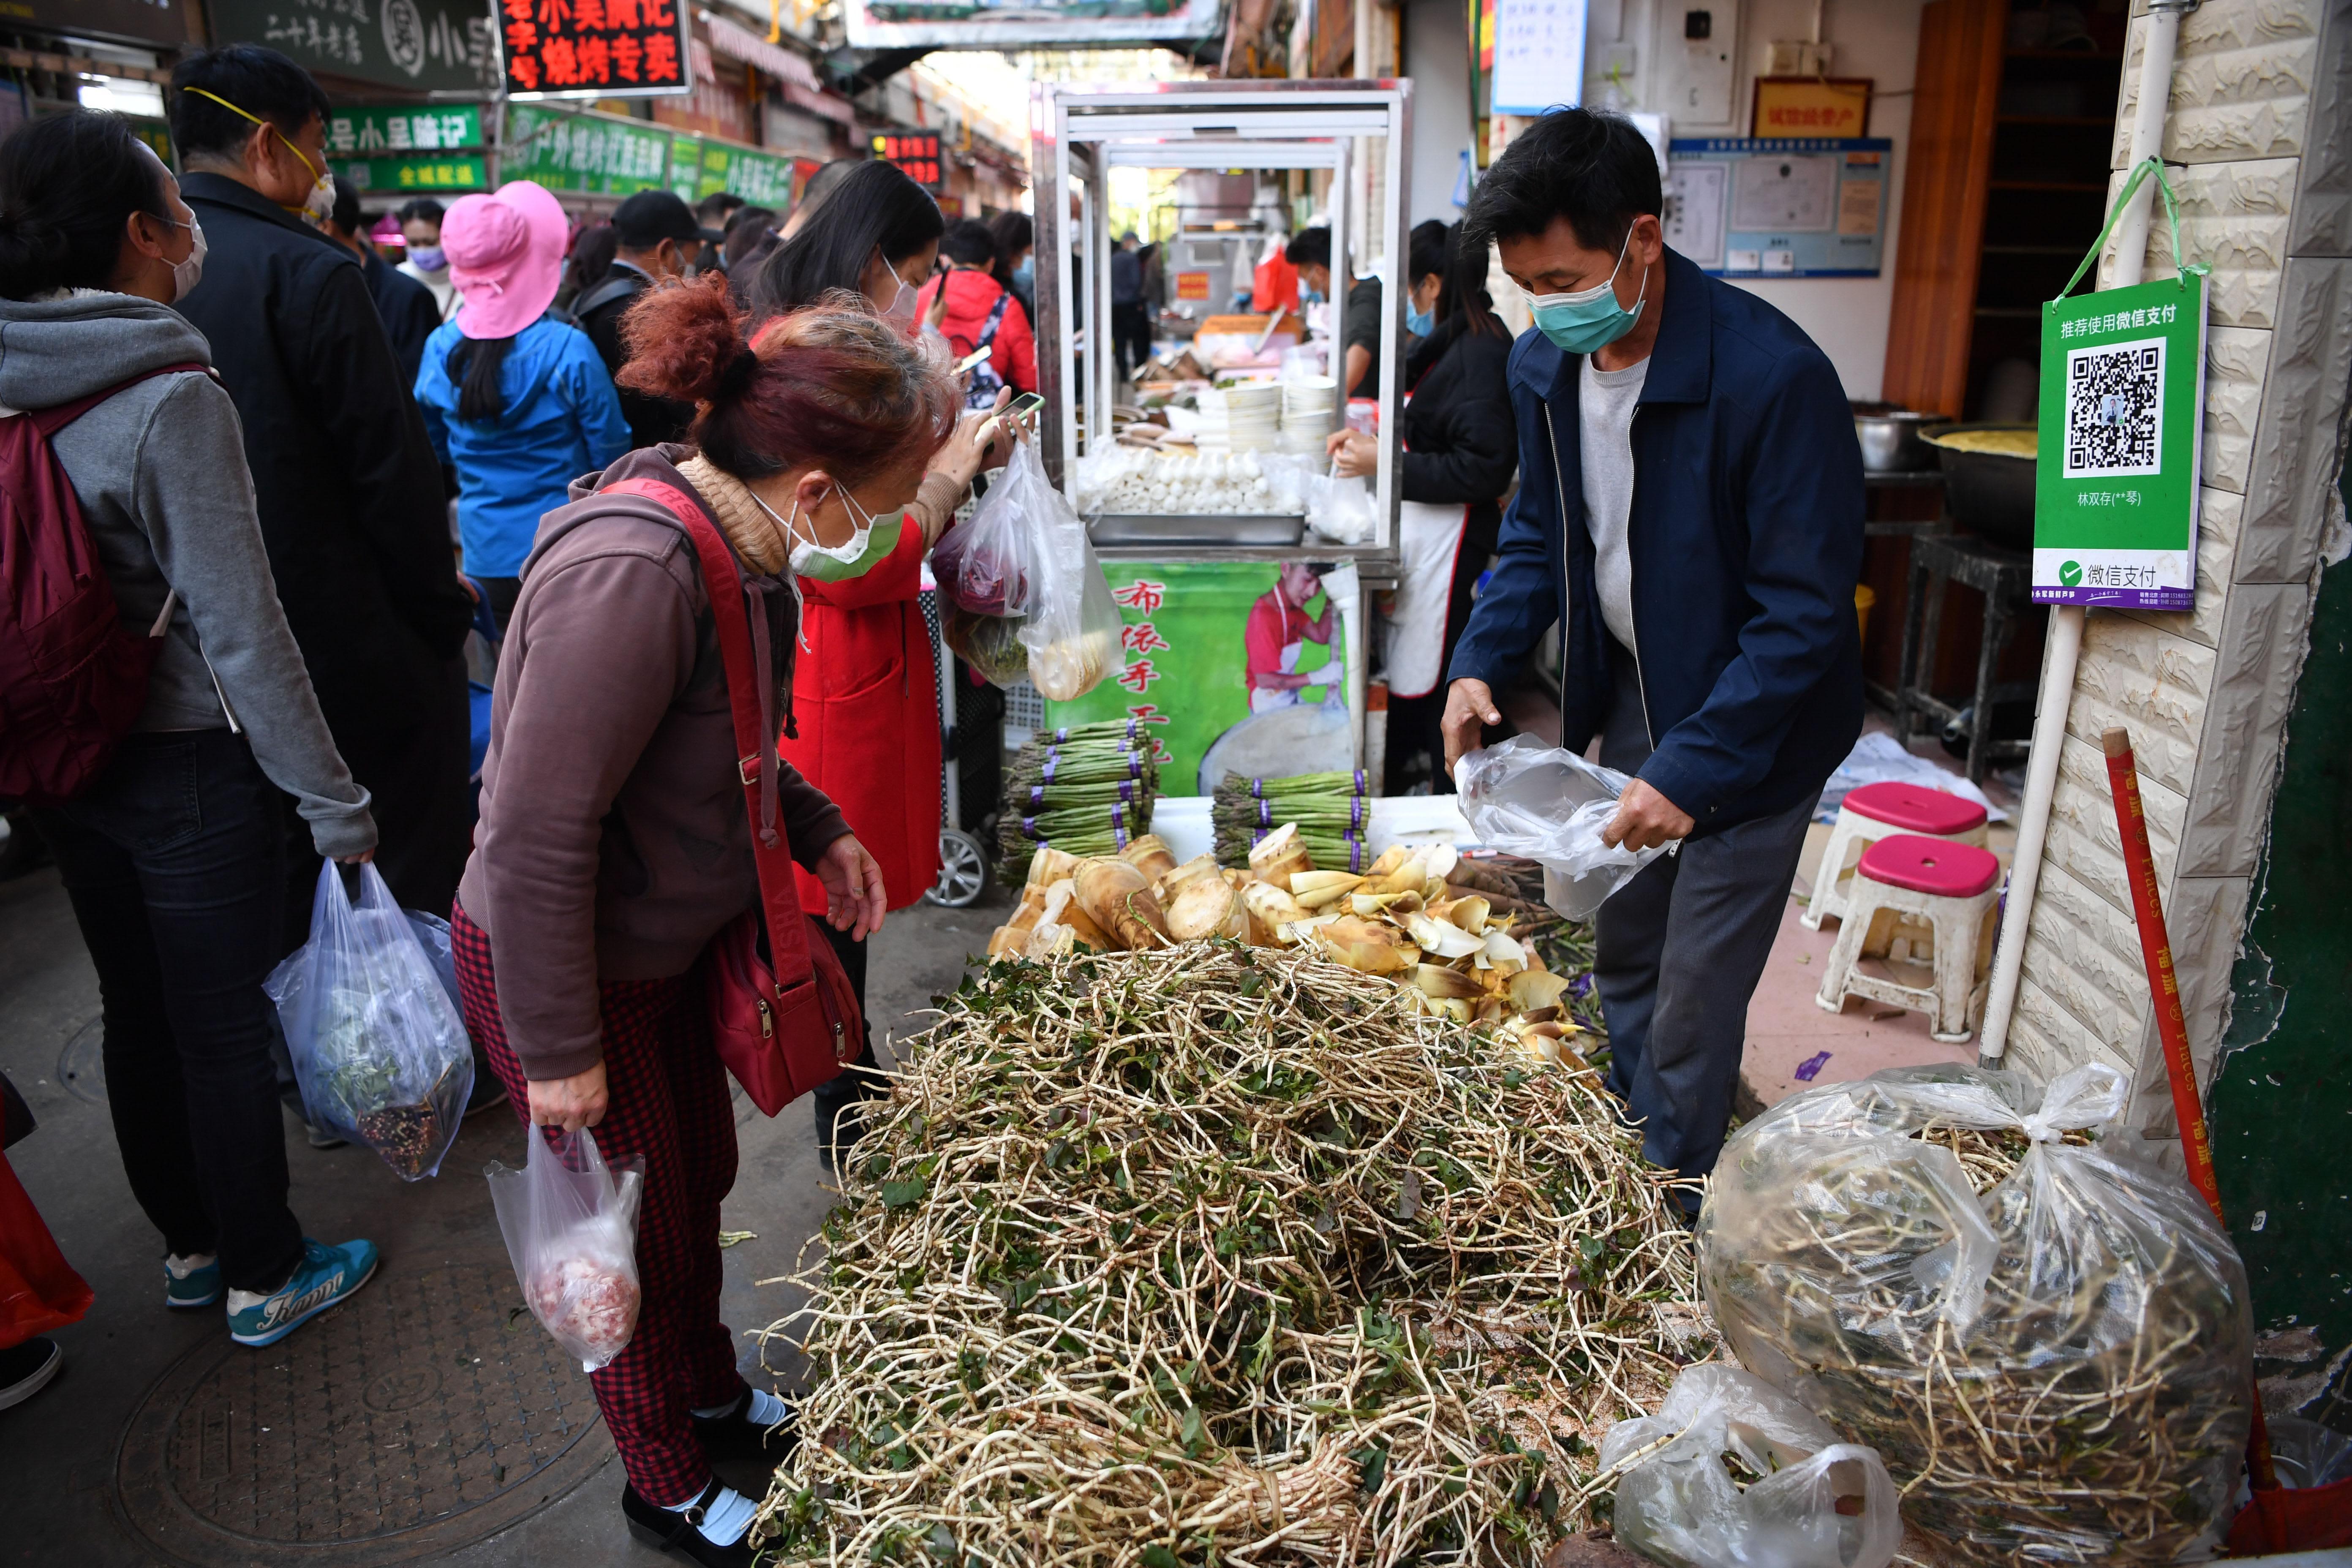 china shuts 14 makeshift hospitals as new coronavirus